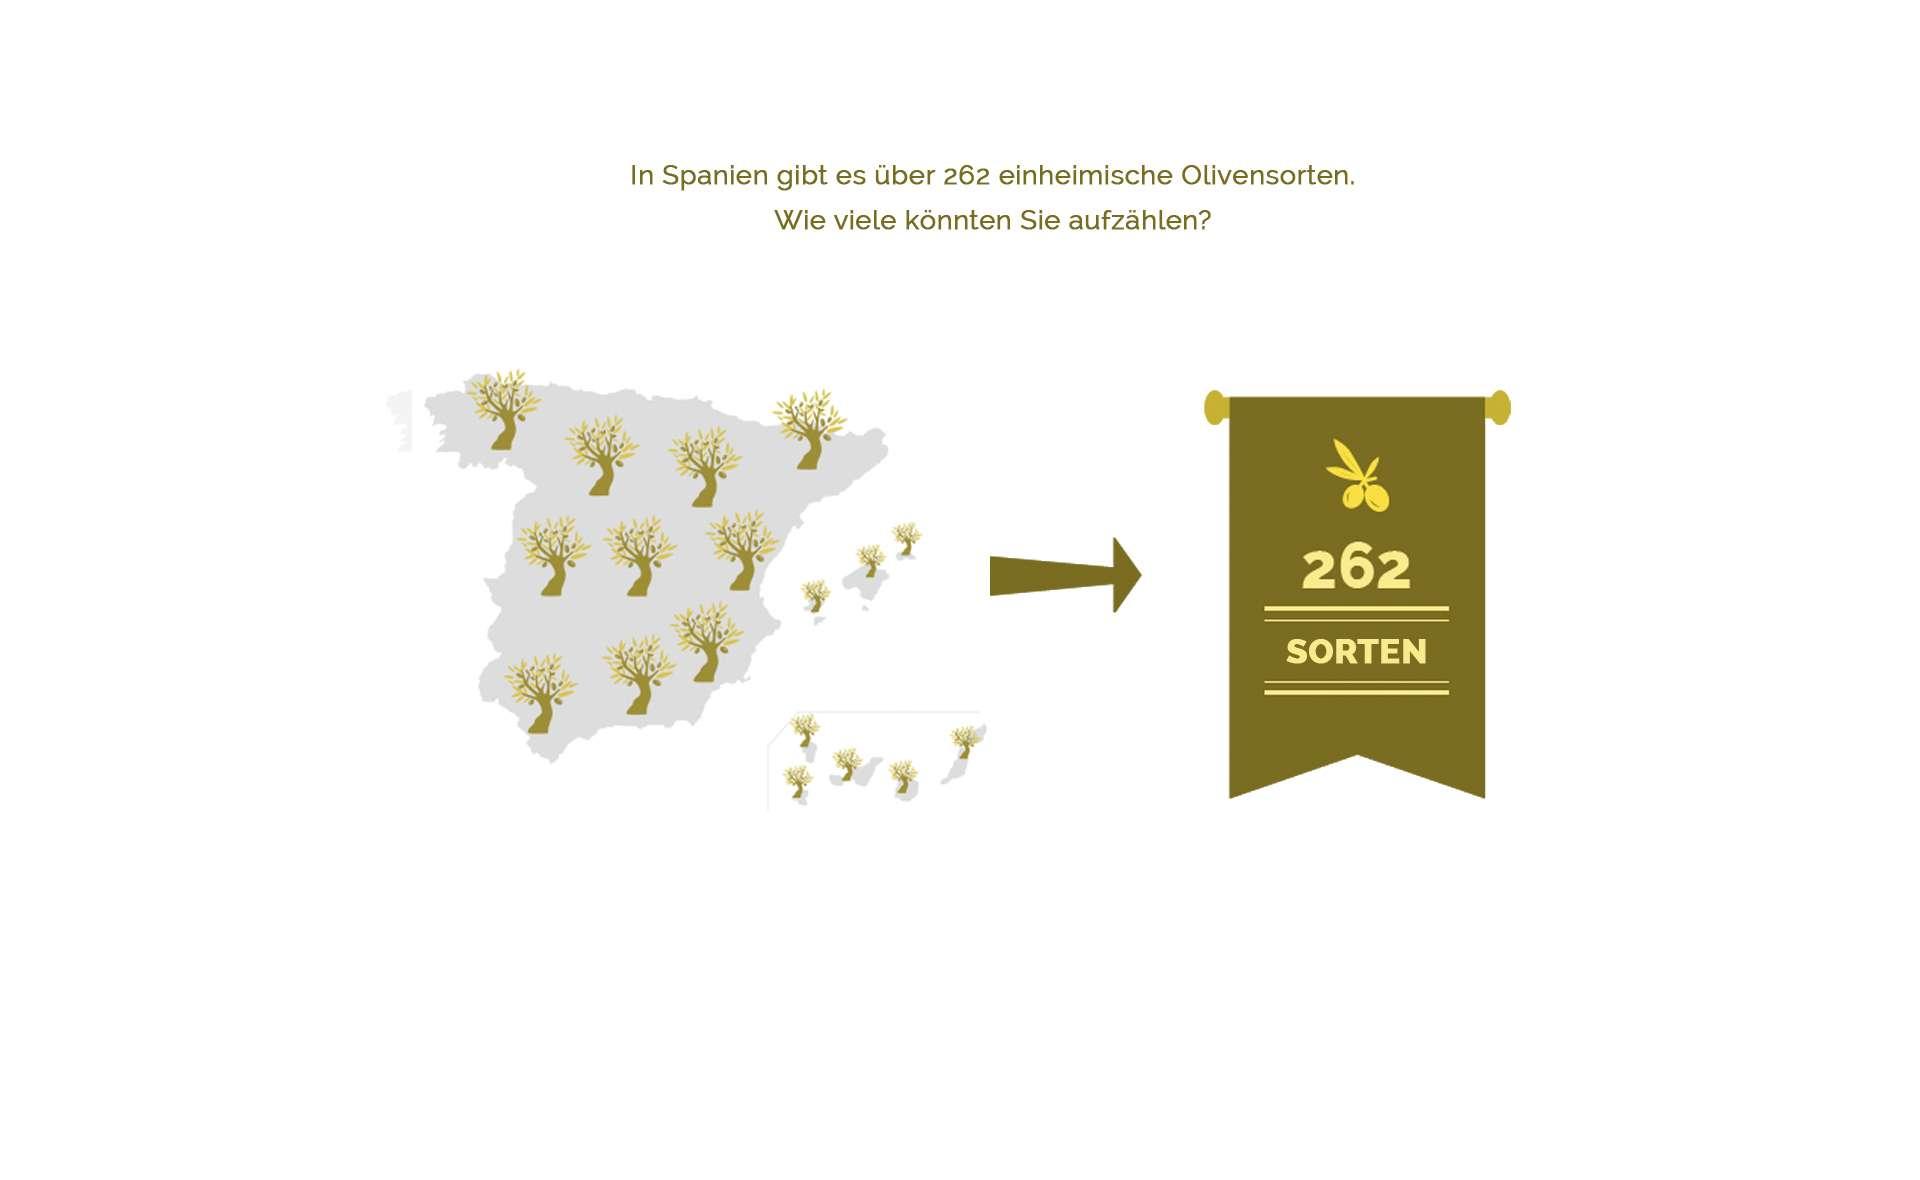 262 Sortenvon Oliven sind inSpanien angebaut